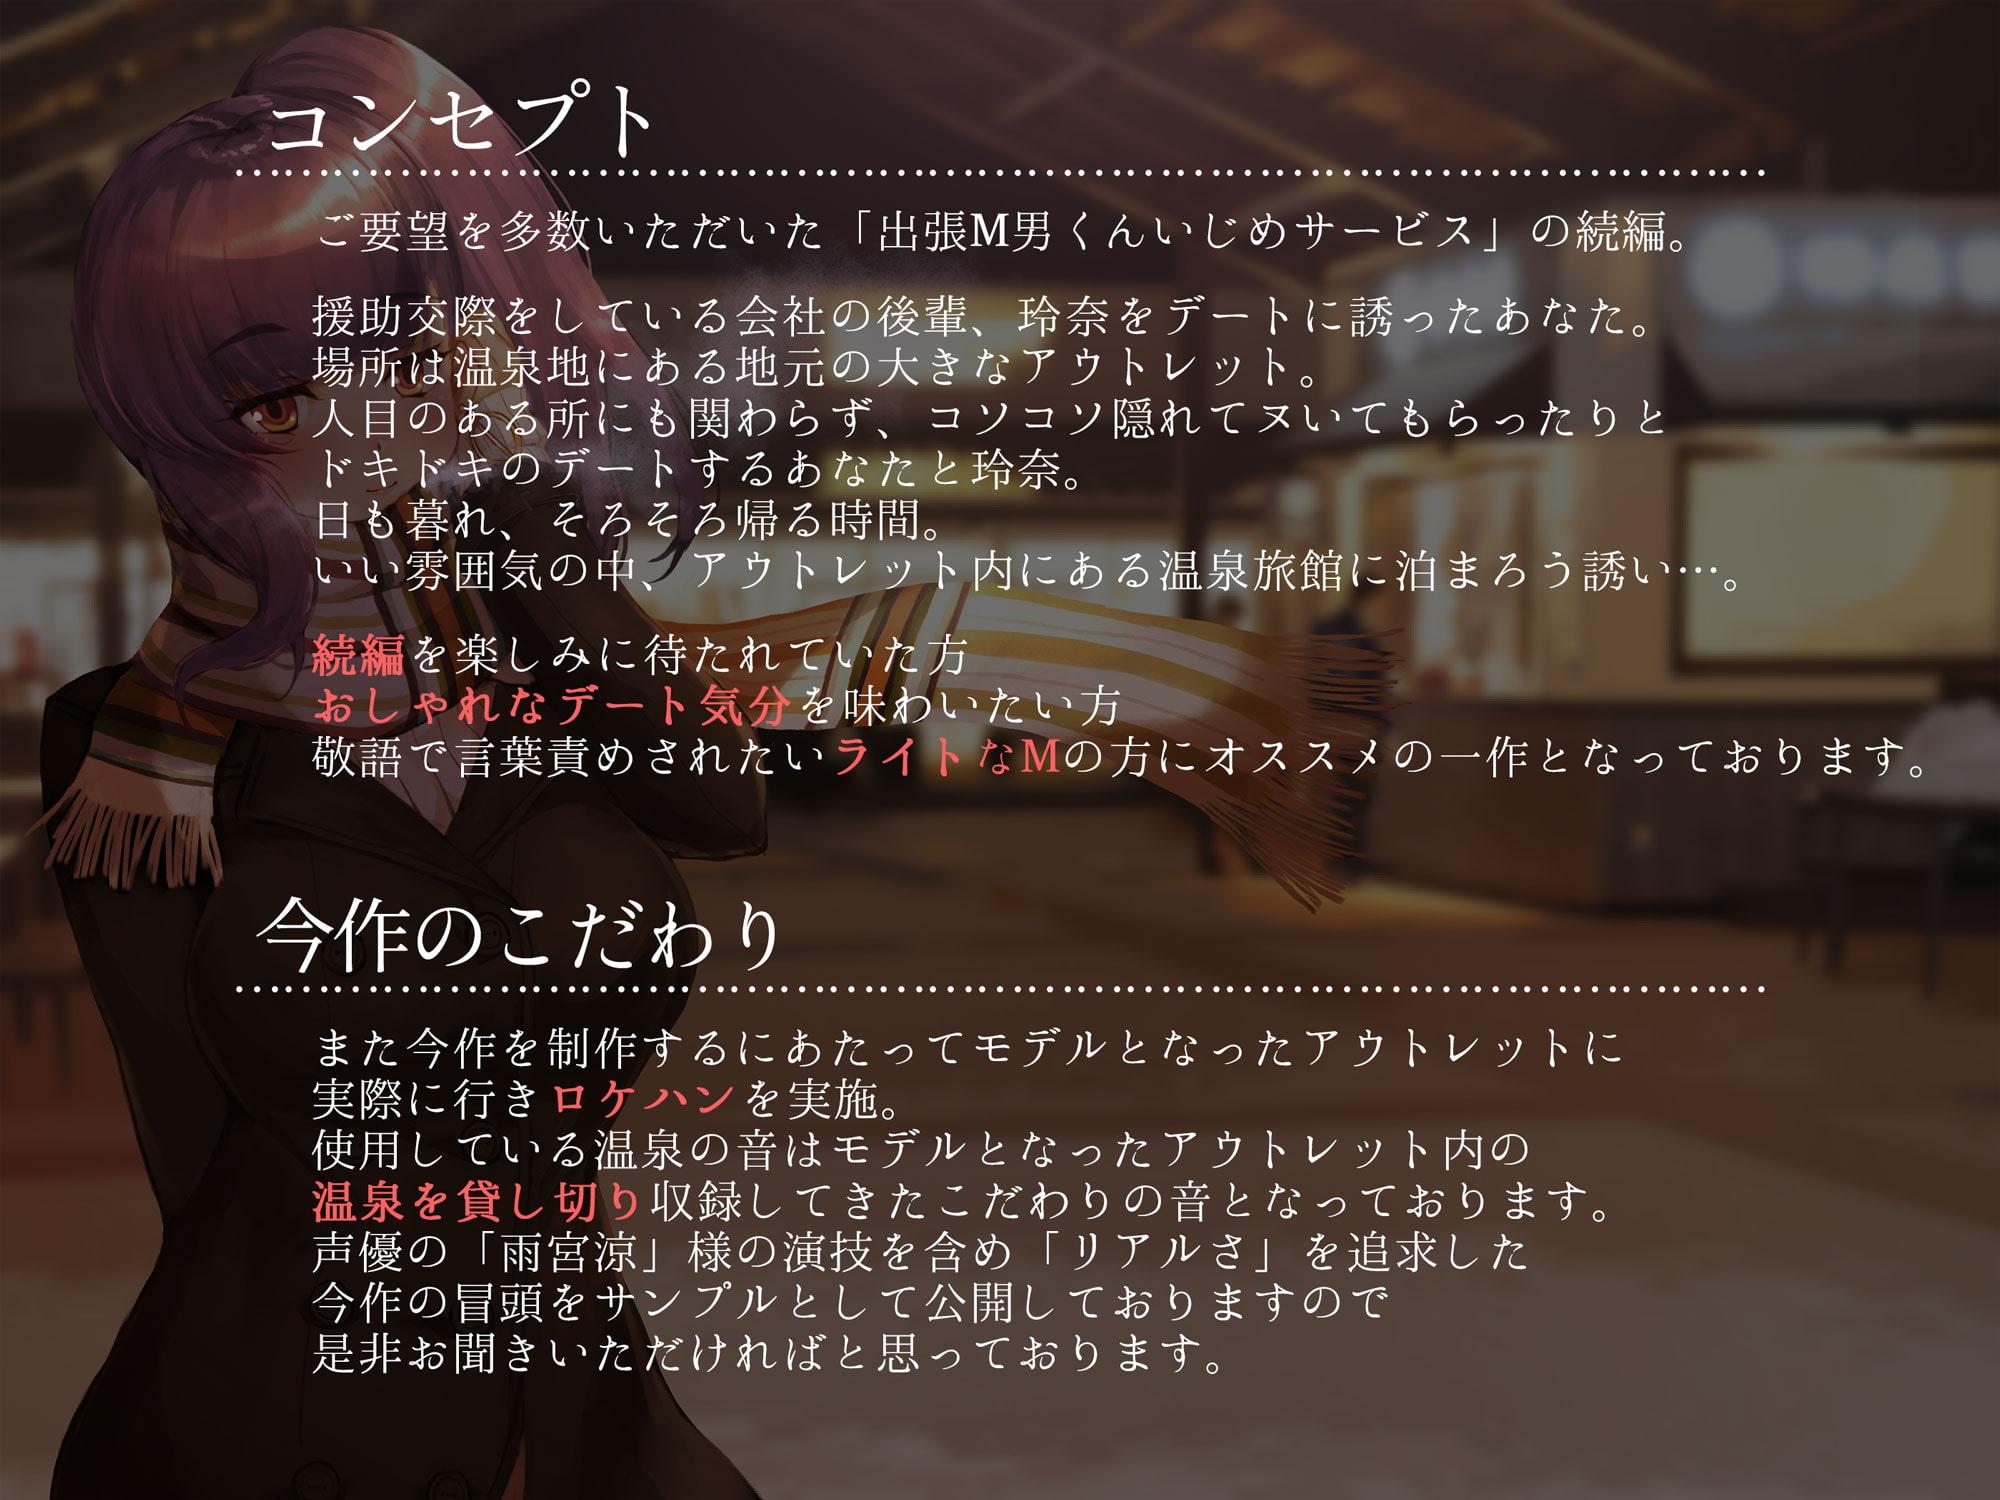 お出かけM男くんいじめデート ‐会社の後輩『玲奈』とOUTLET編‐